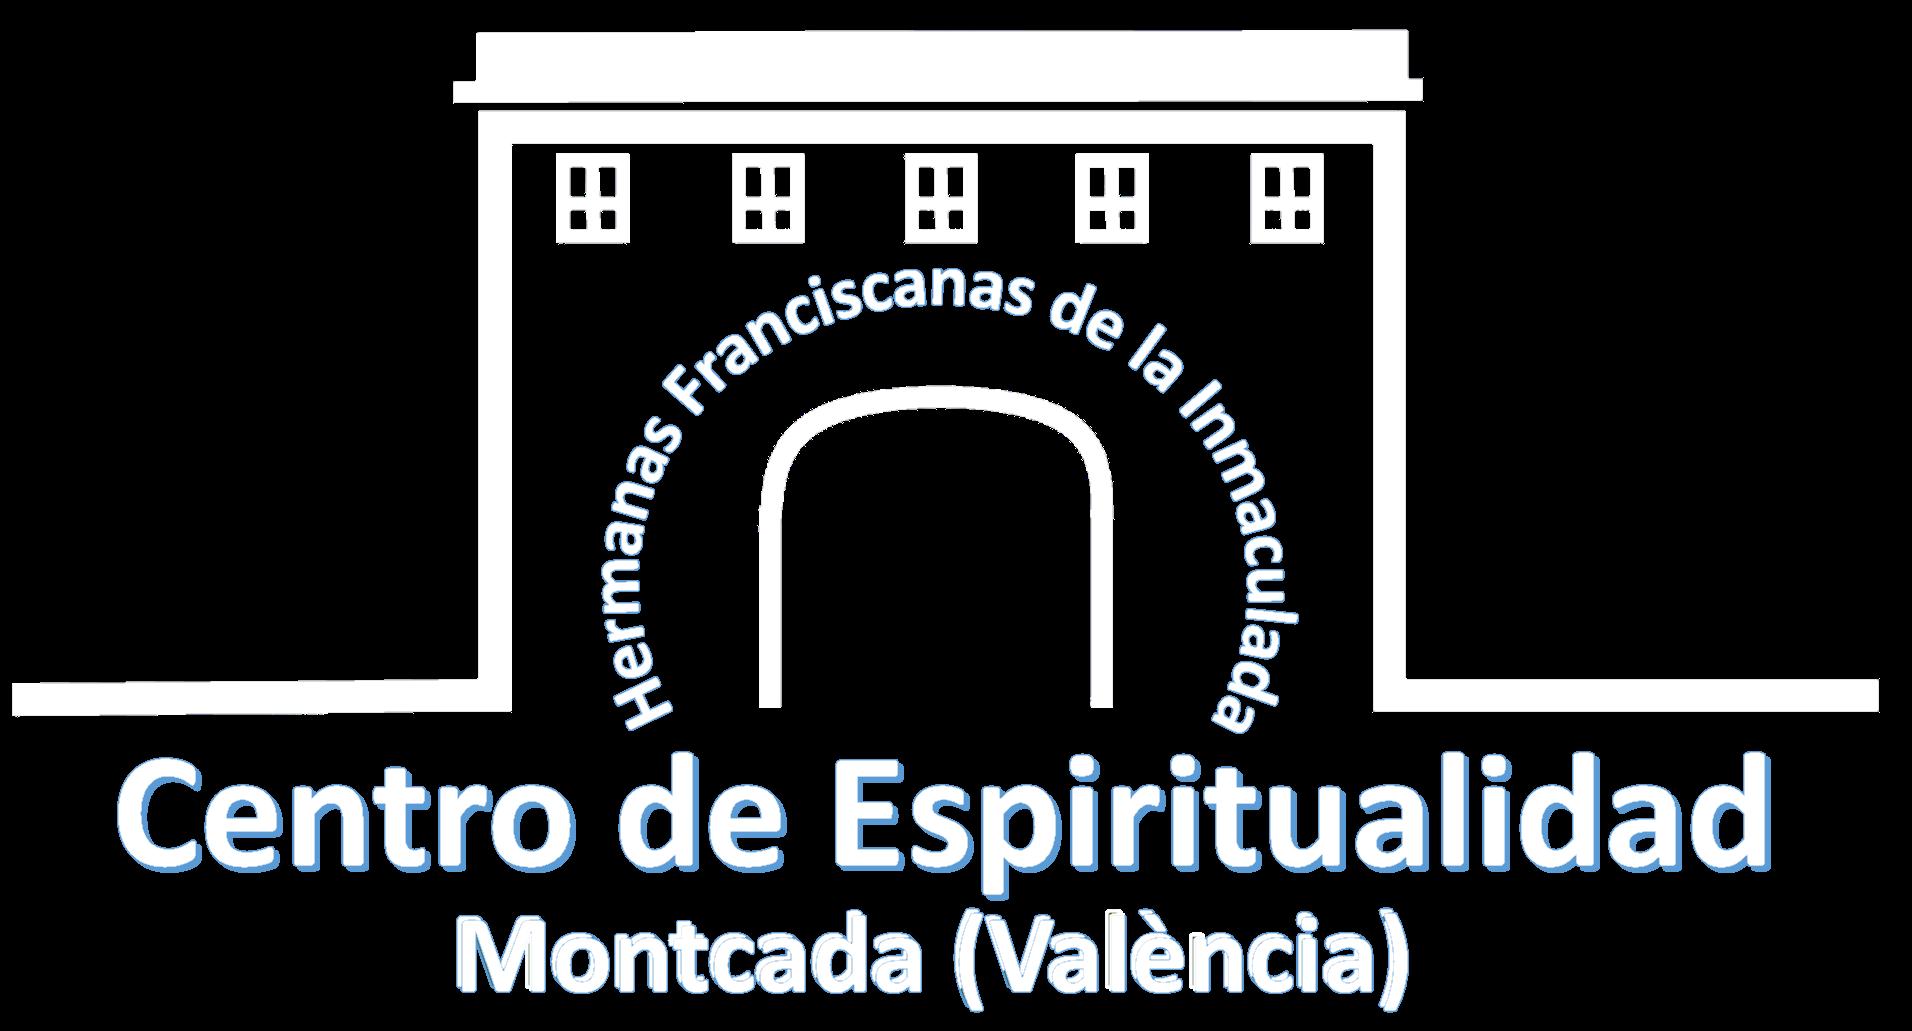 Hnas. Franciscanas de la Inmaculada